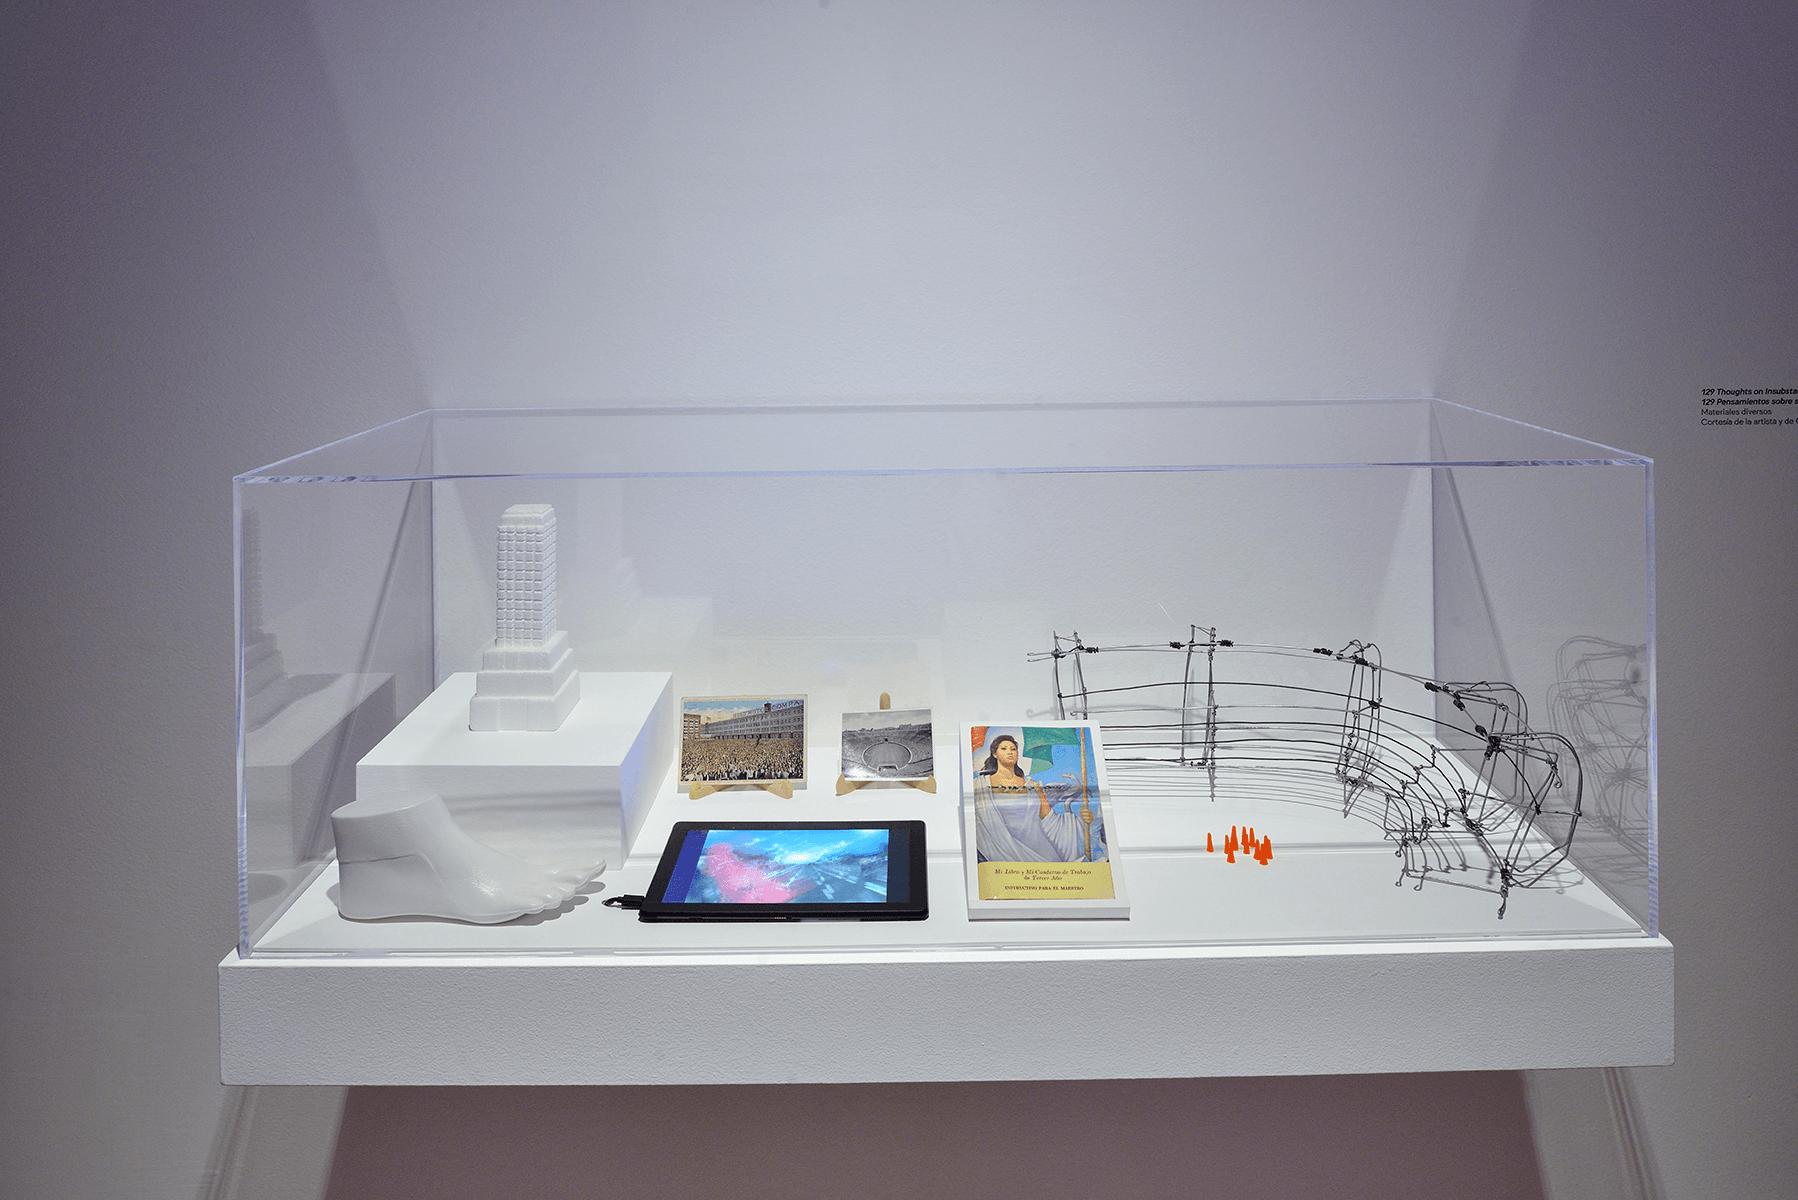 129 Pensamientos sobre sujetos y temas insustanciales | Melanie Smith. Farsa y artificio | Museo Amparo, Puebla